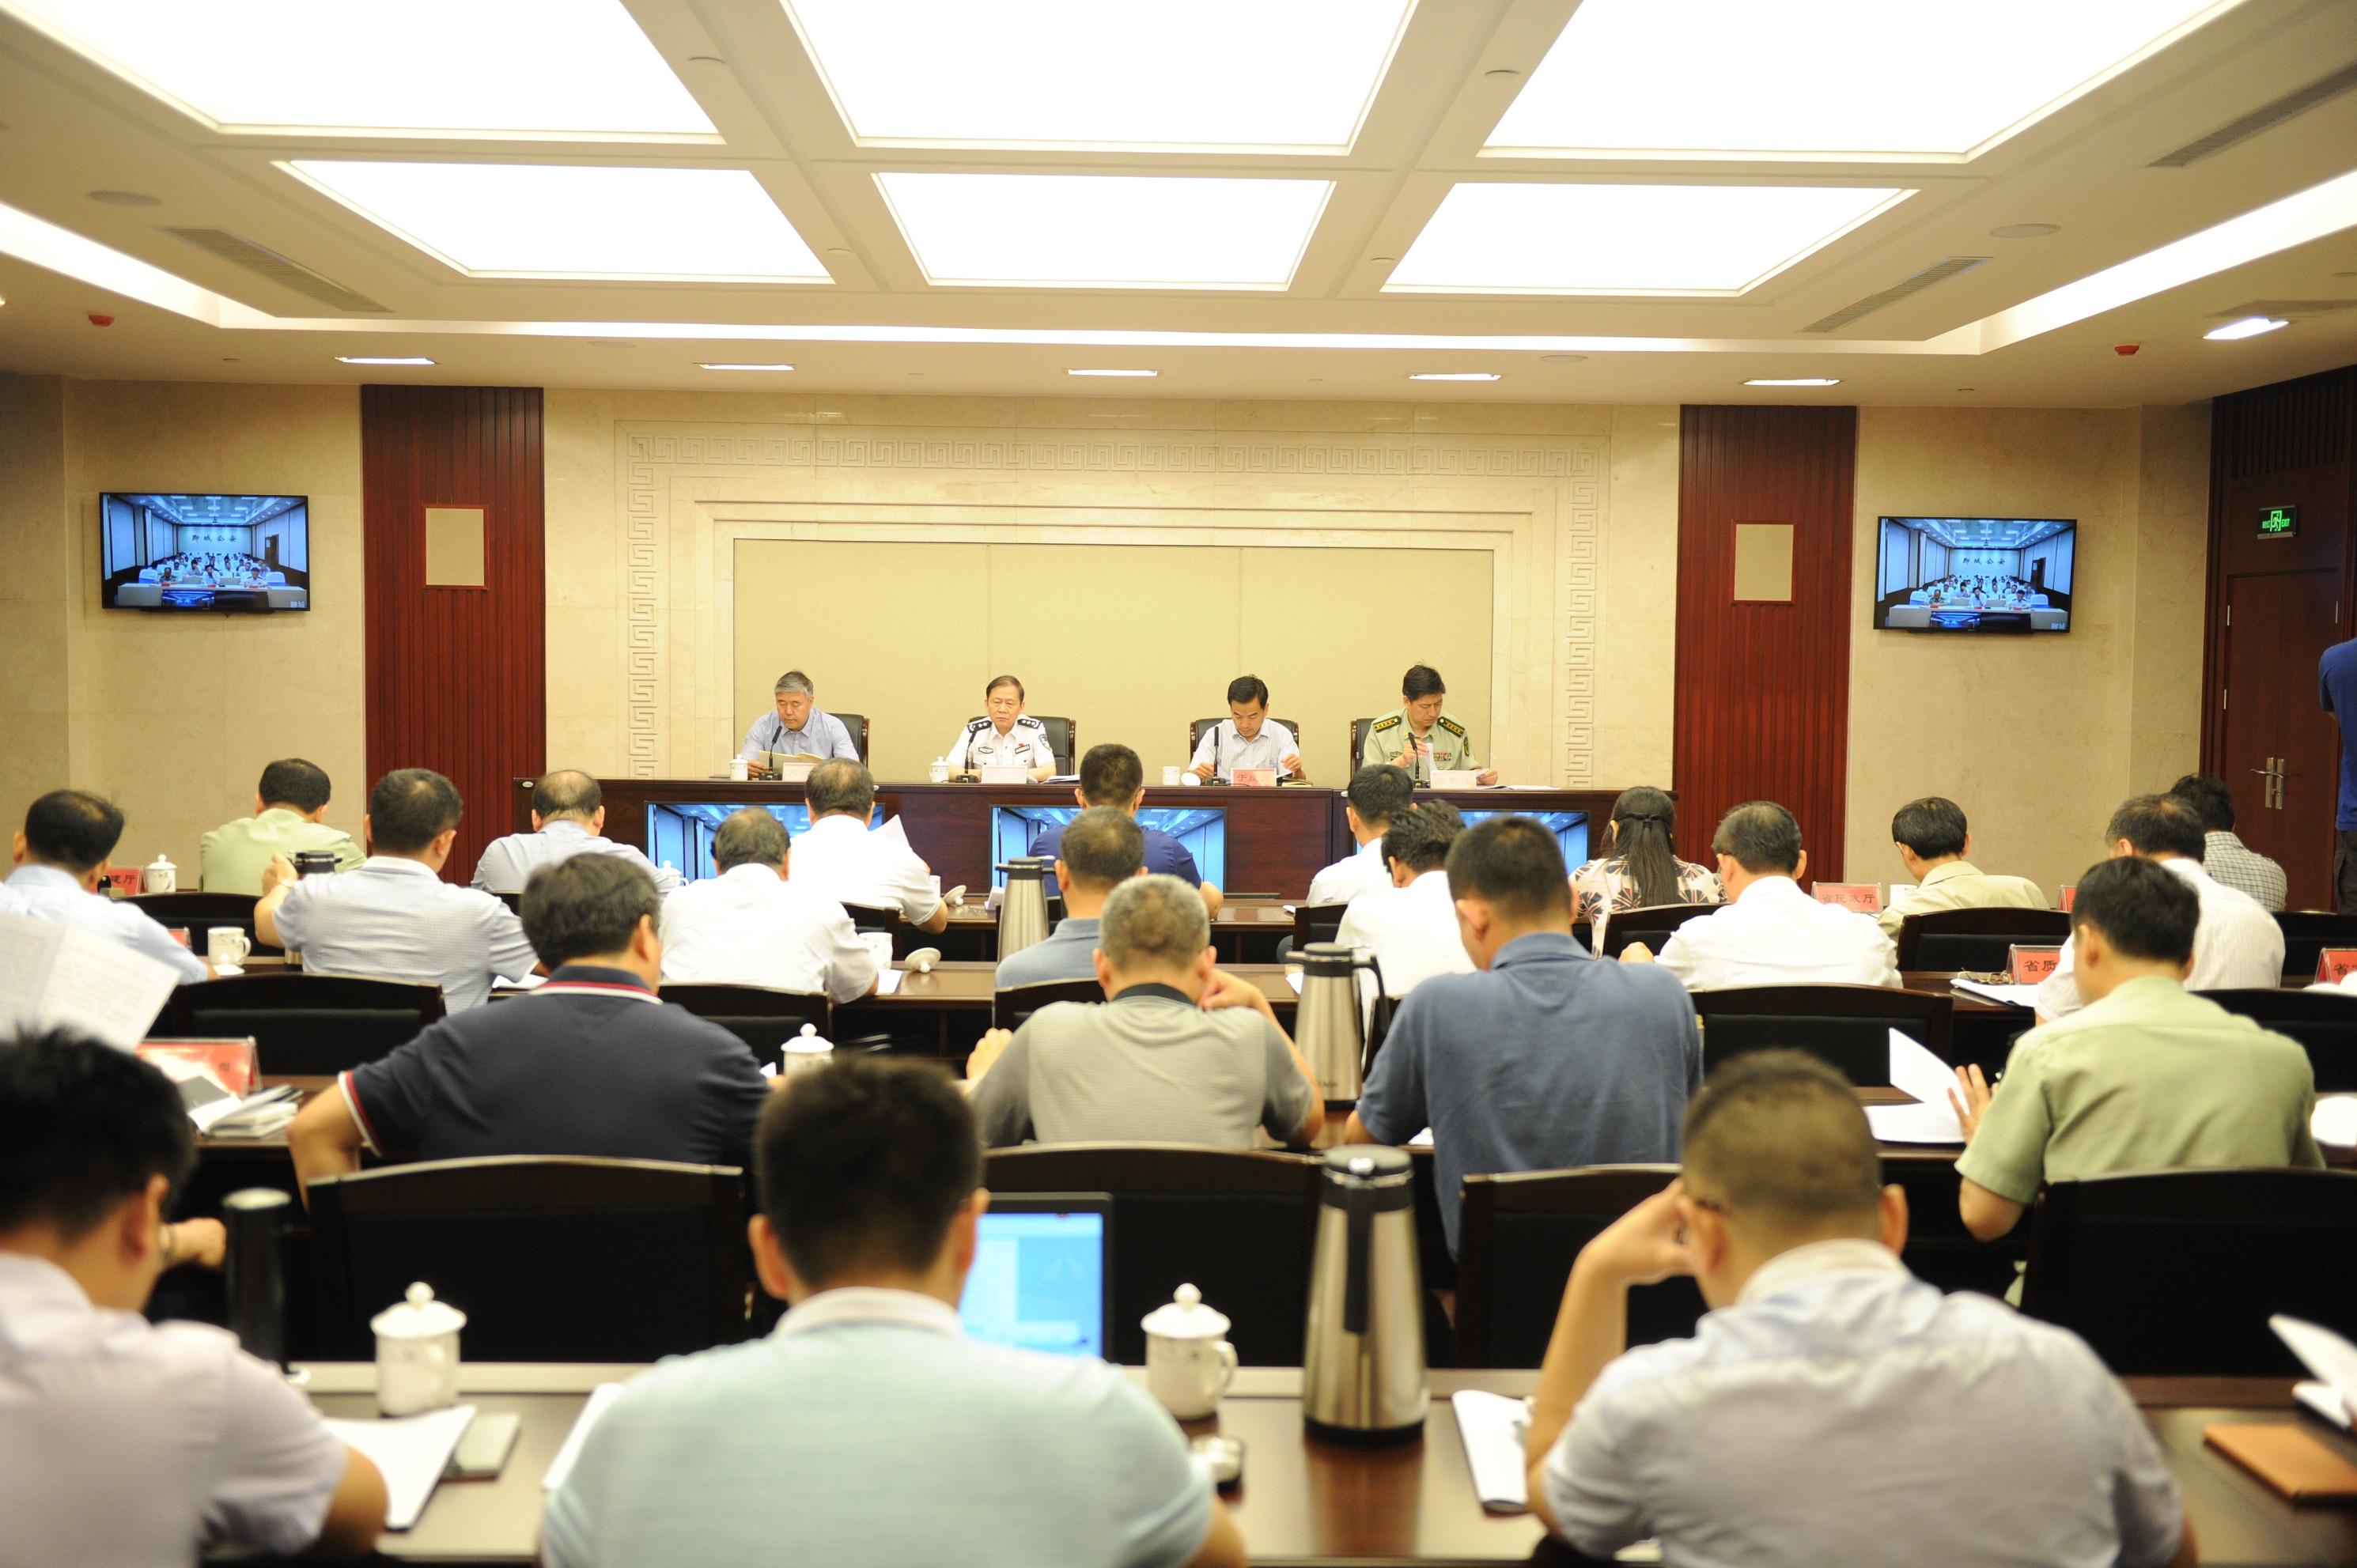 山东全省将开展为期三年电气火灾综合治理行动